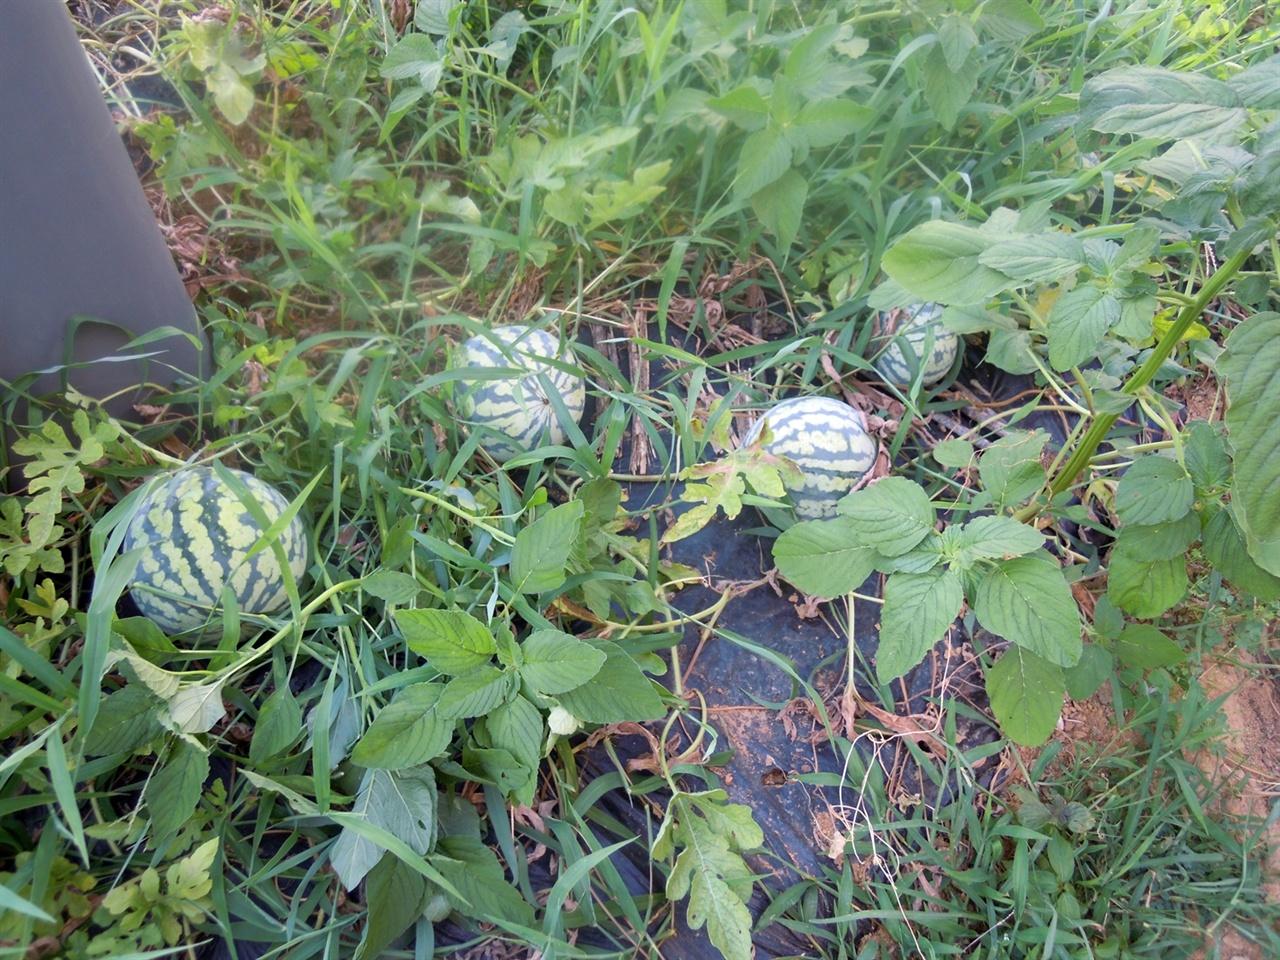 잎과 줄기가 말라가고 있는 수박밭